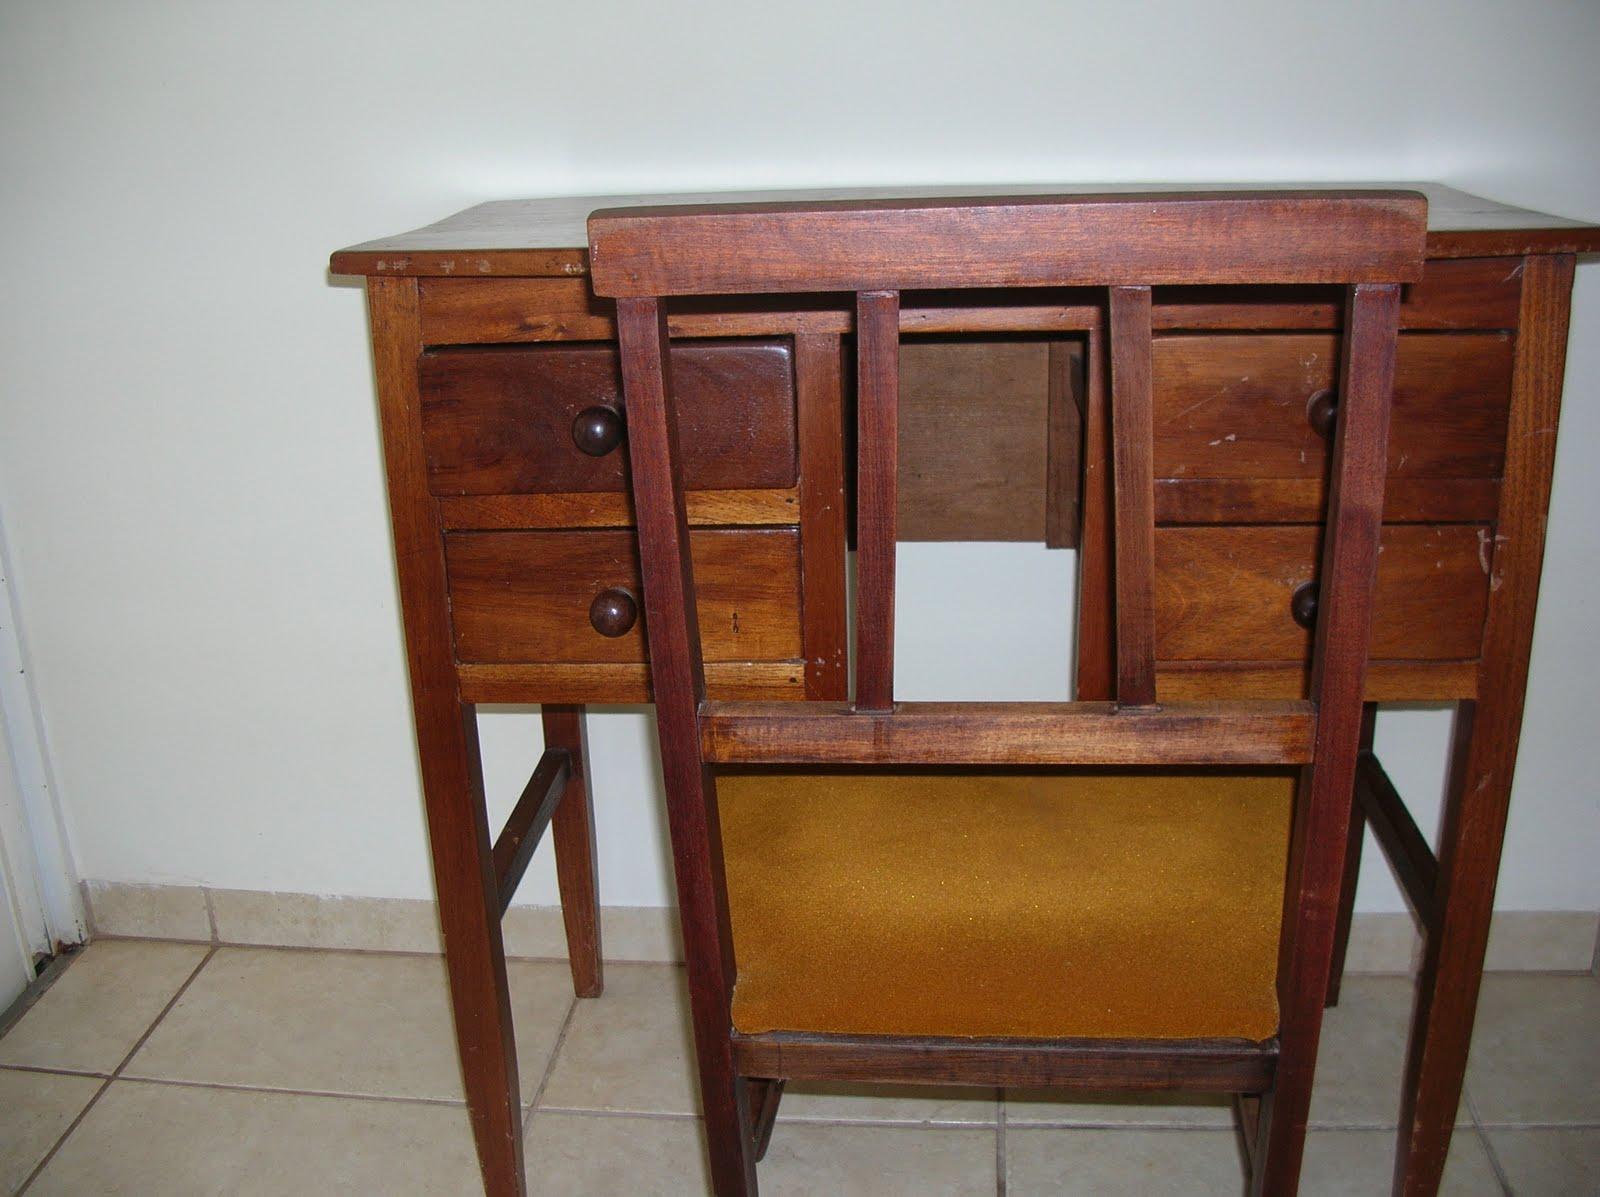 CASA COISAS & TAL: Artes dos leitores: uma escrivaninha e uma cadeira #6F3C22 1600x1197